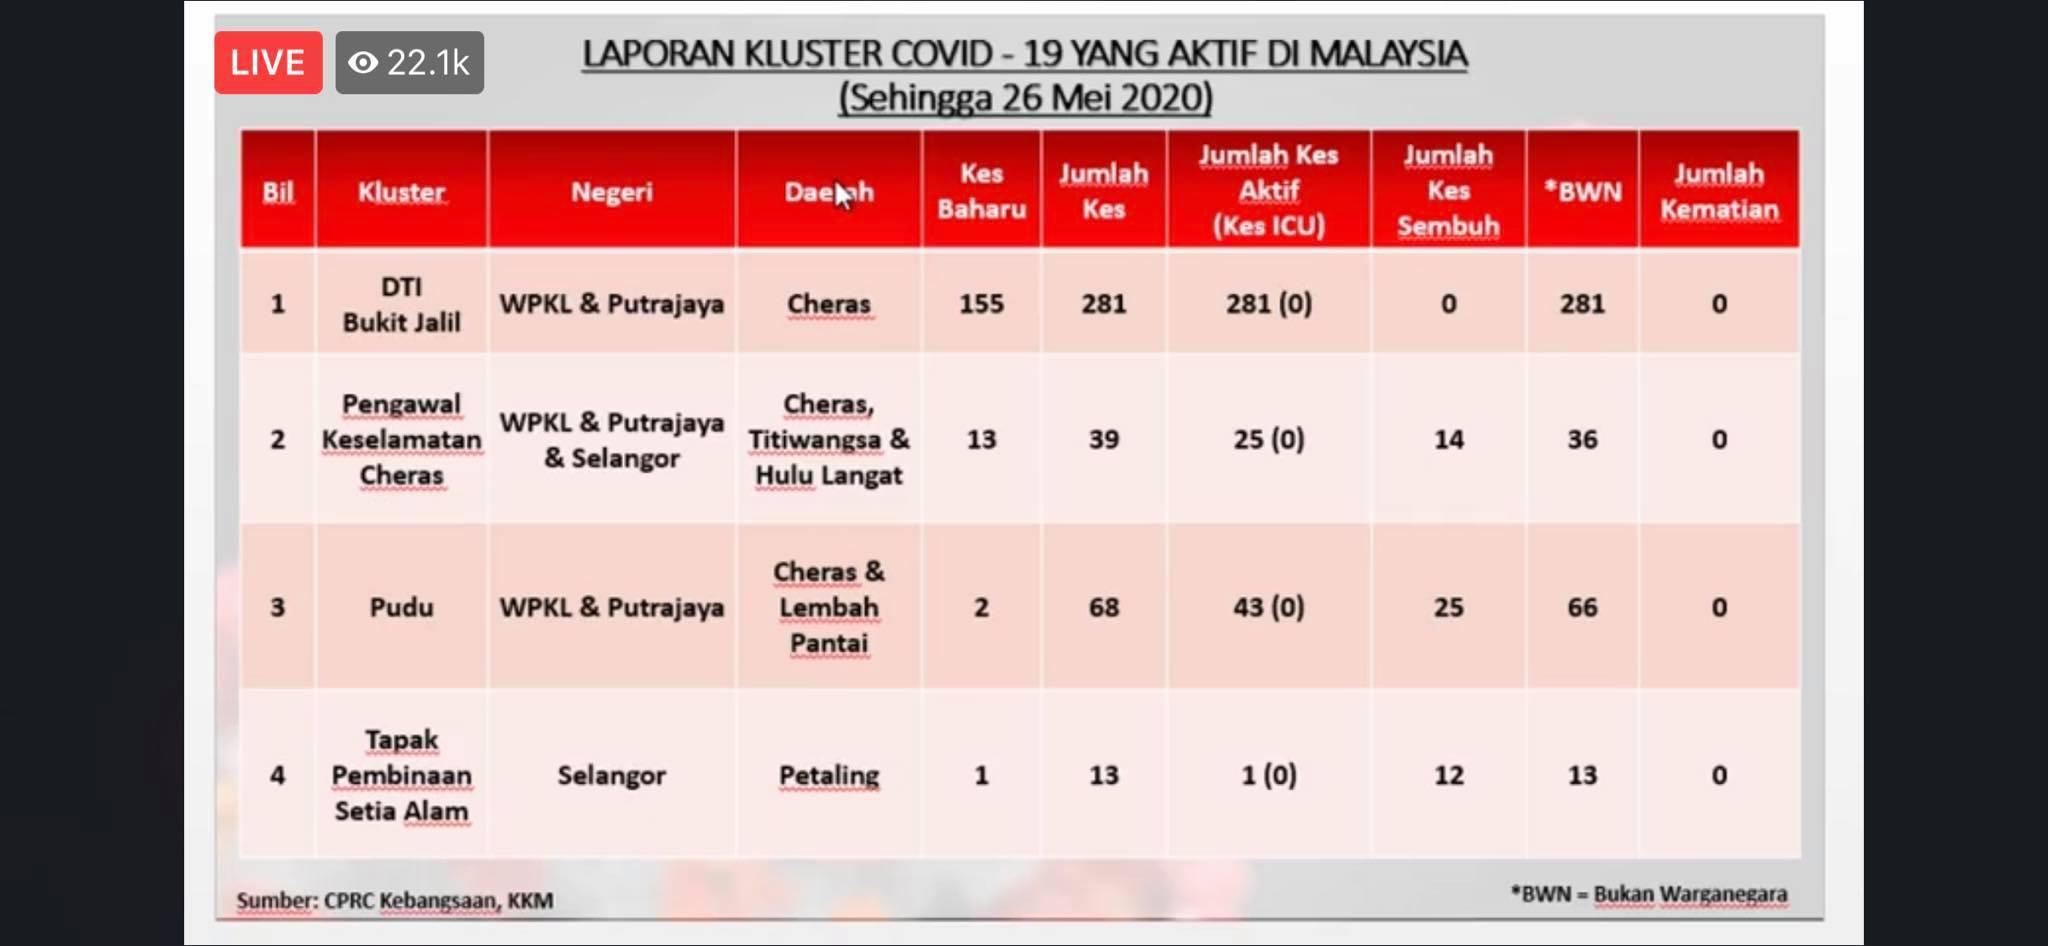 Bukit Jalil非法外劳拘留所大爆发!今日一次暴增155宗确诊病例!